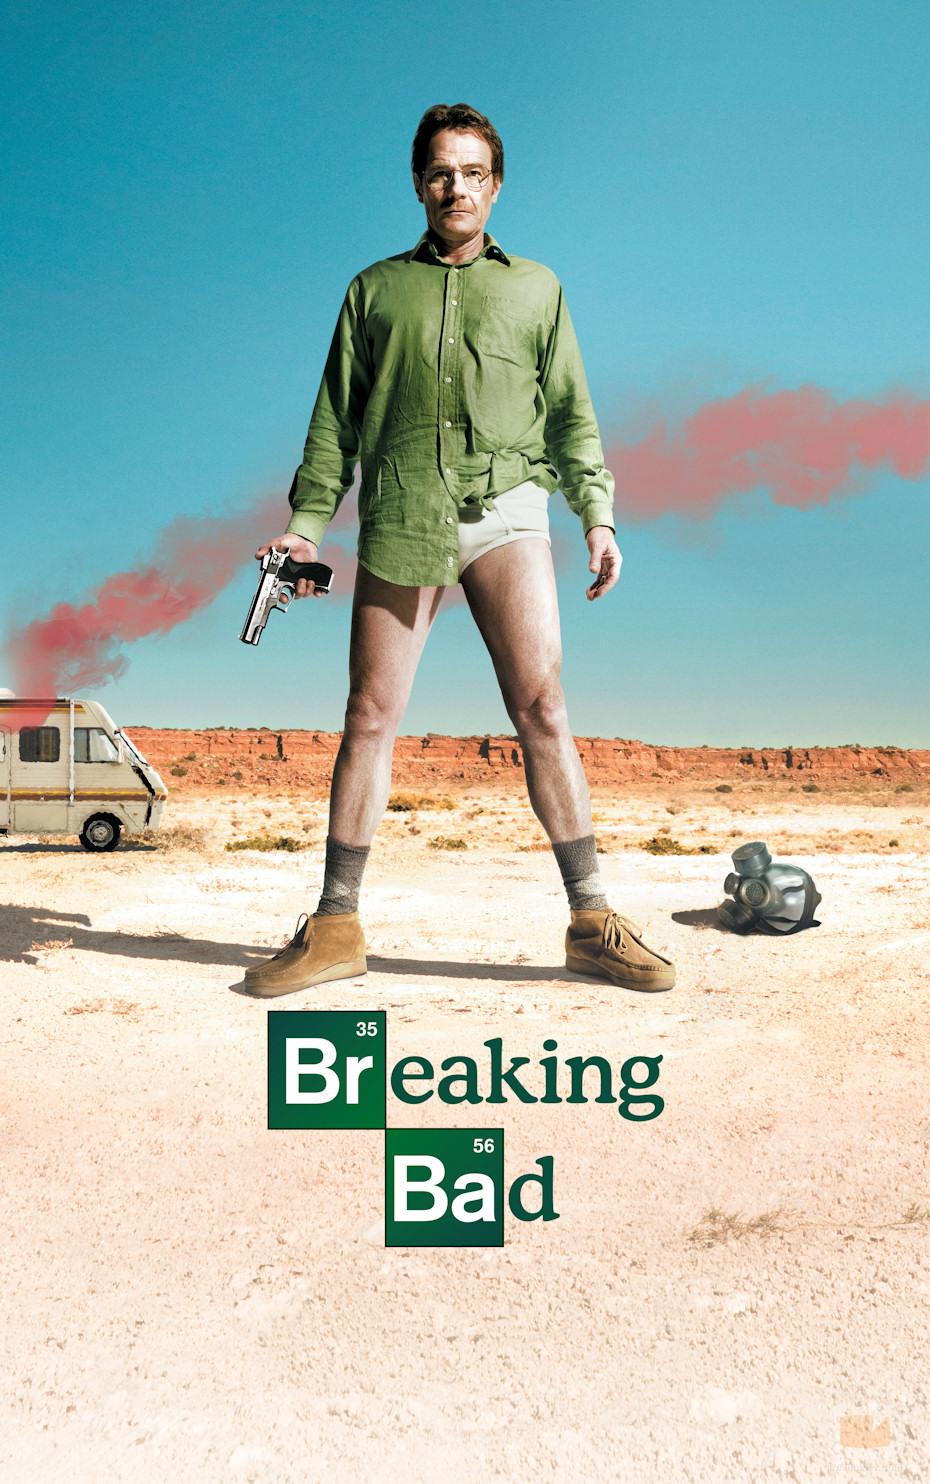 مسلسل Breaking Bad الموسم الاول مترجم مشاهدة اون لاين و تحميل  Latest?cb=20120617205325g